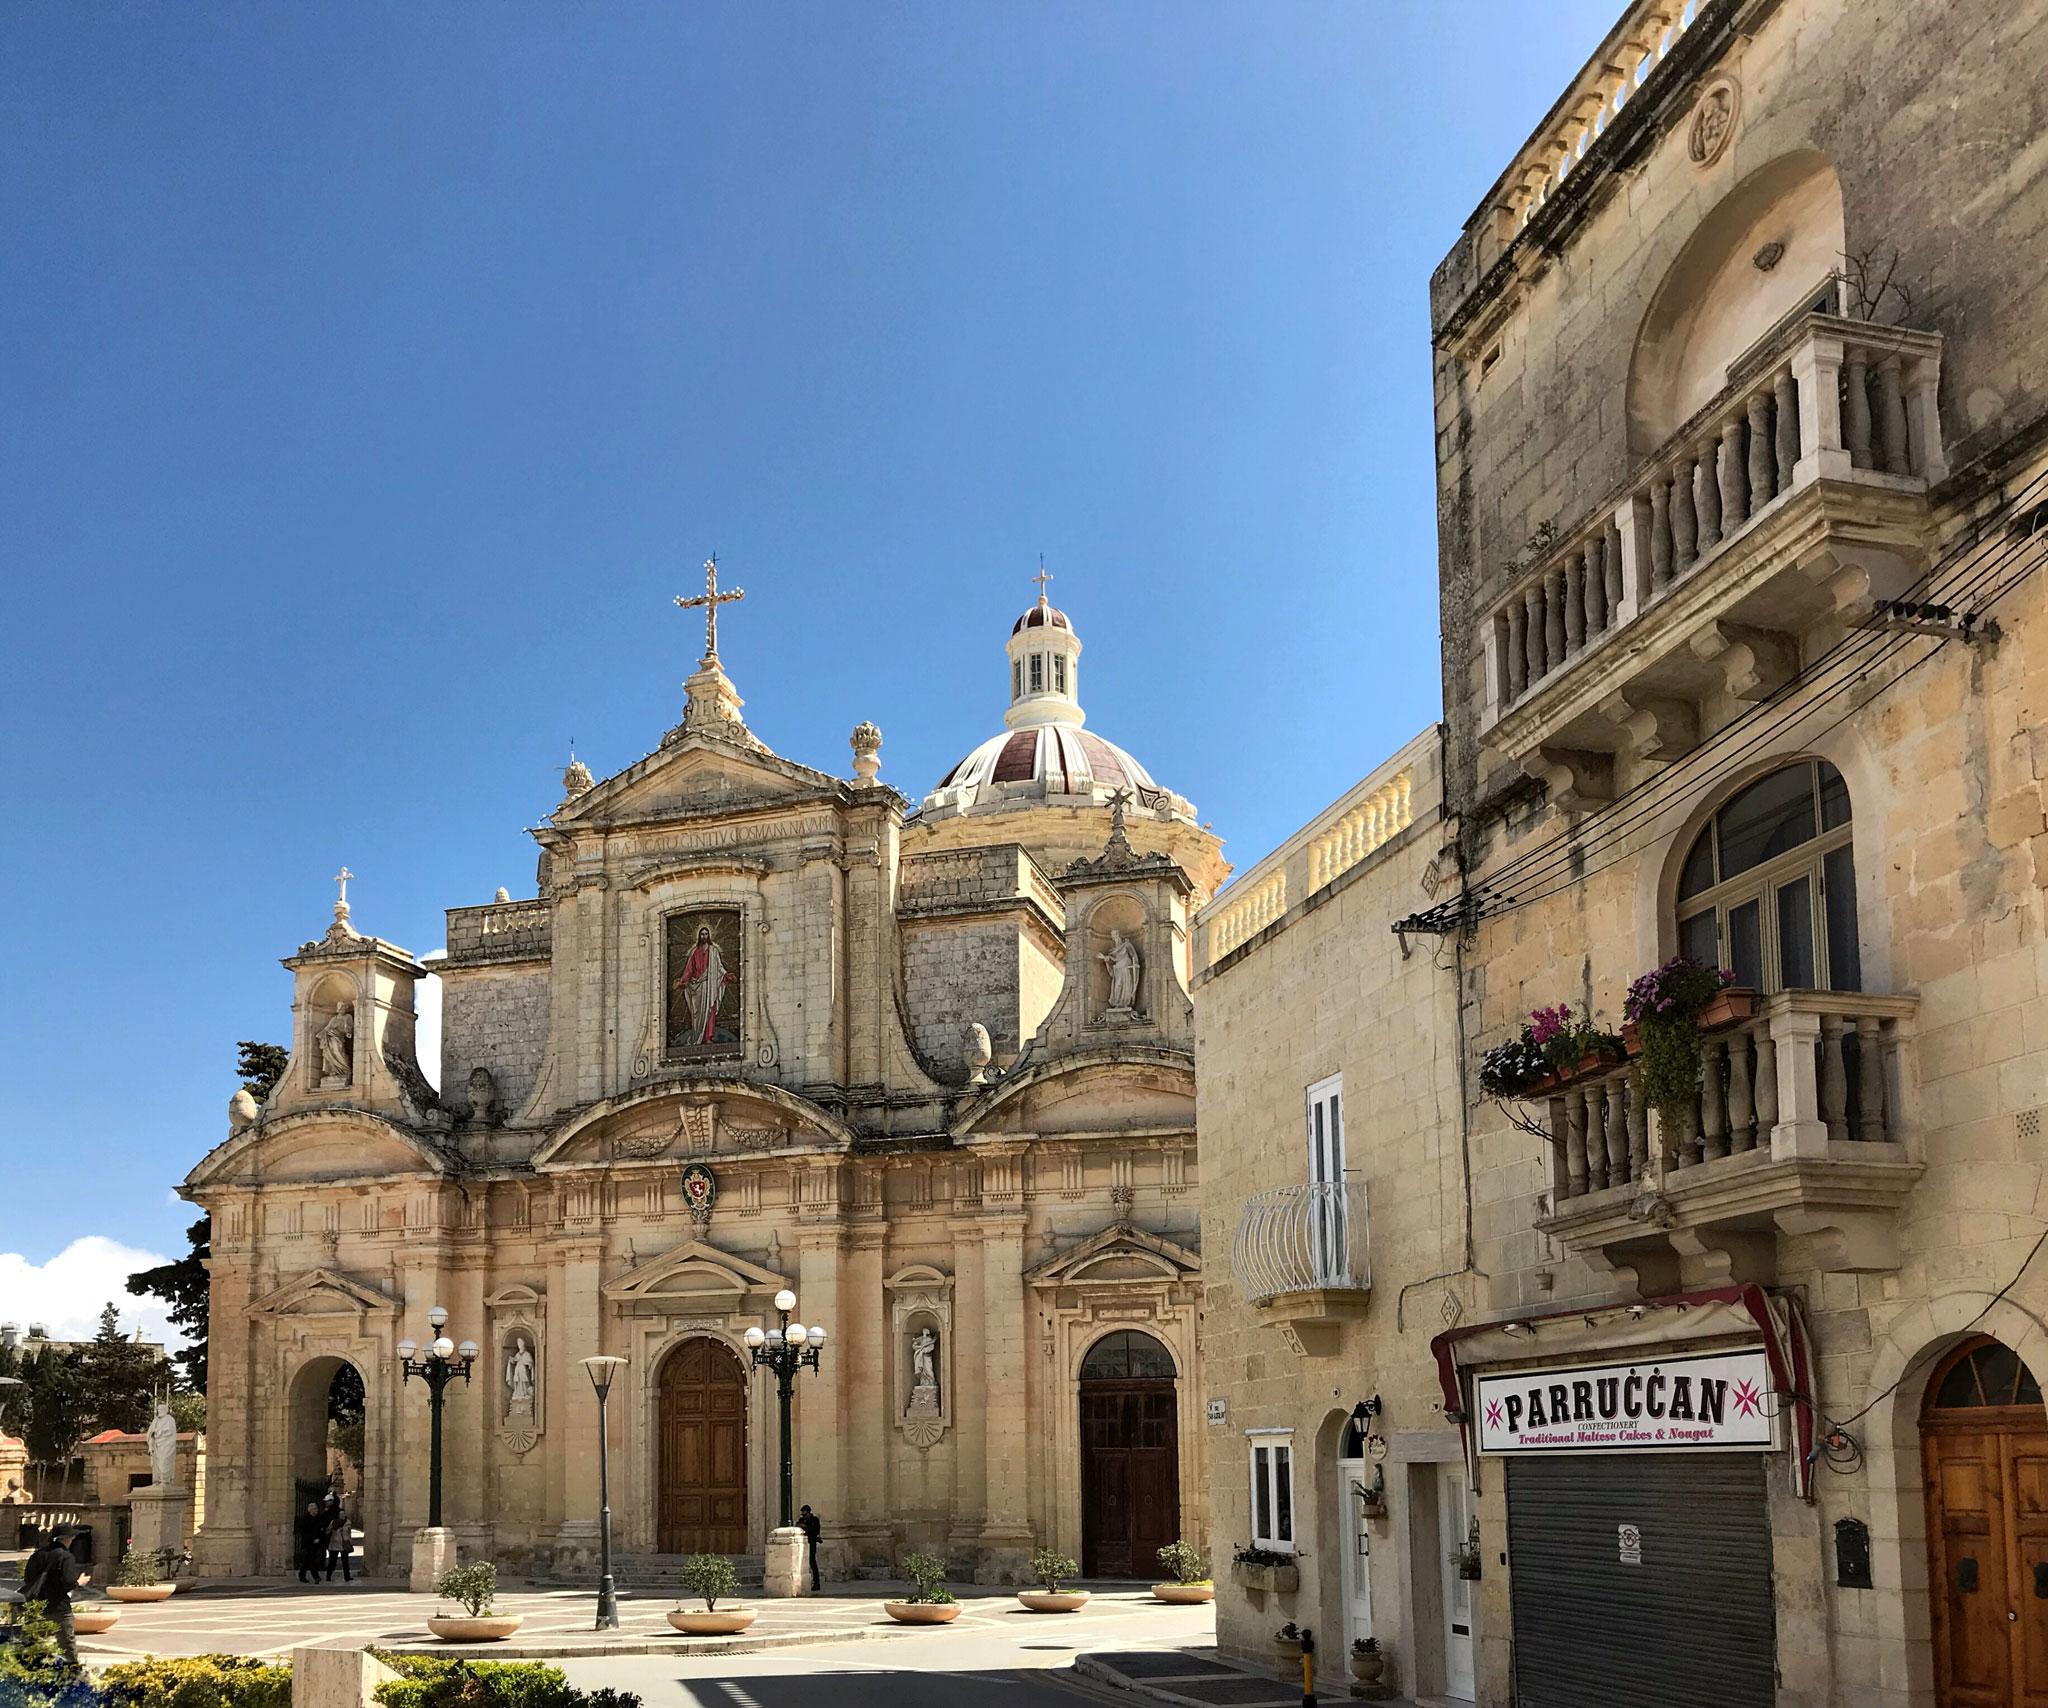 Rabat-Malta-Colleggiata-San-Paolo-stile-barocco